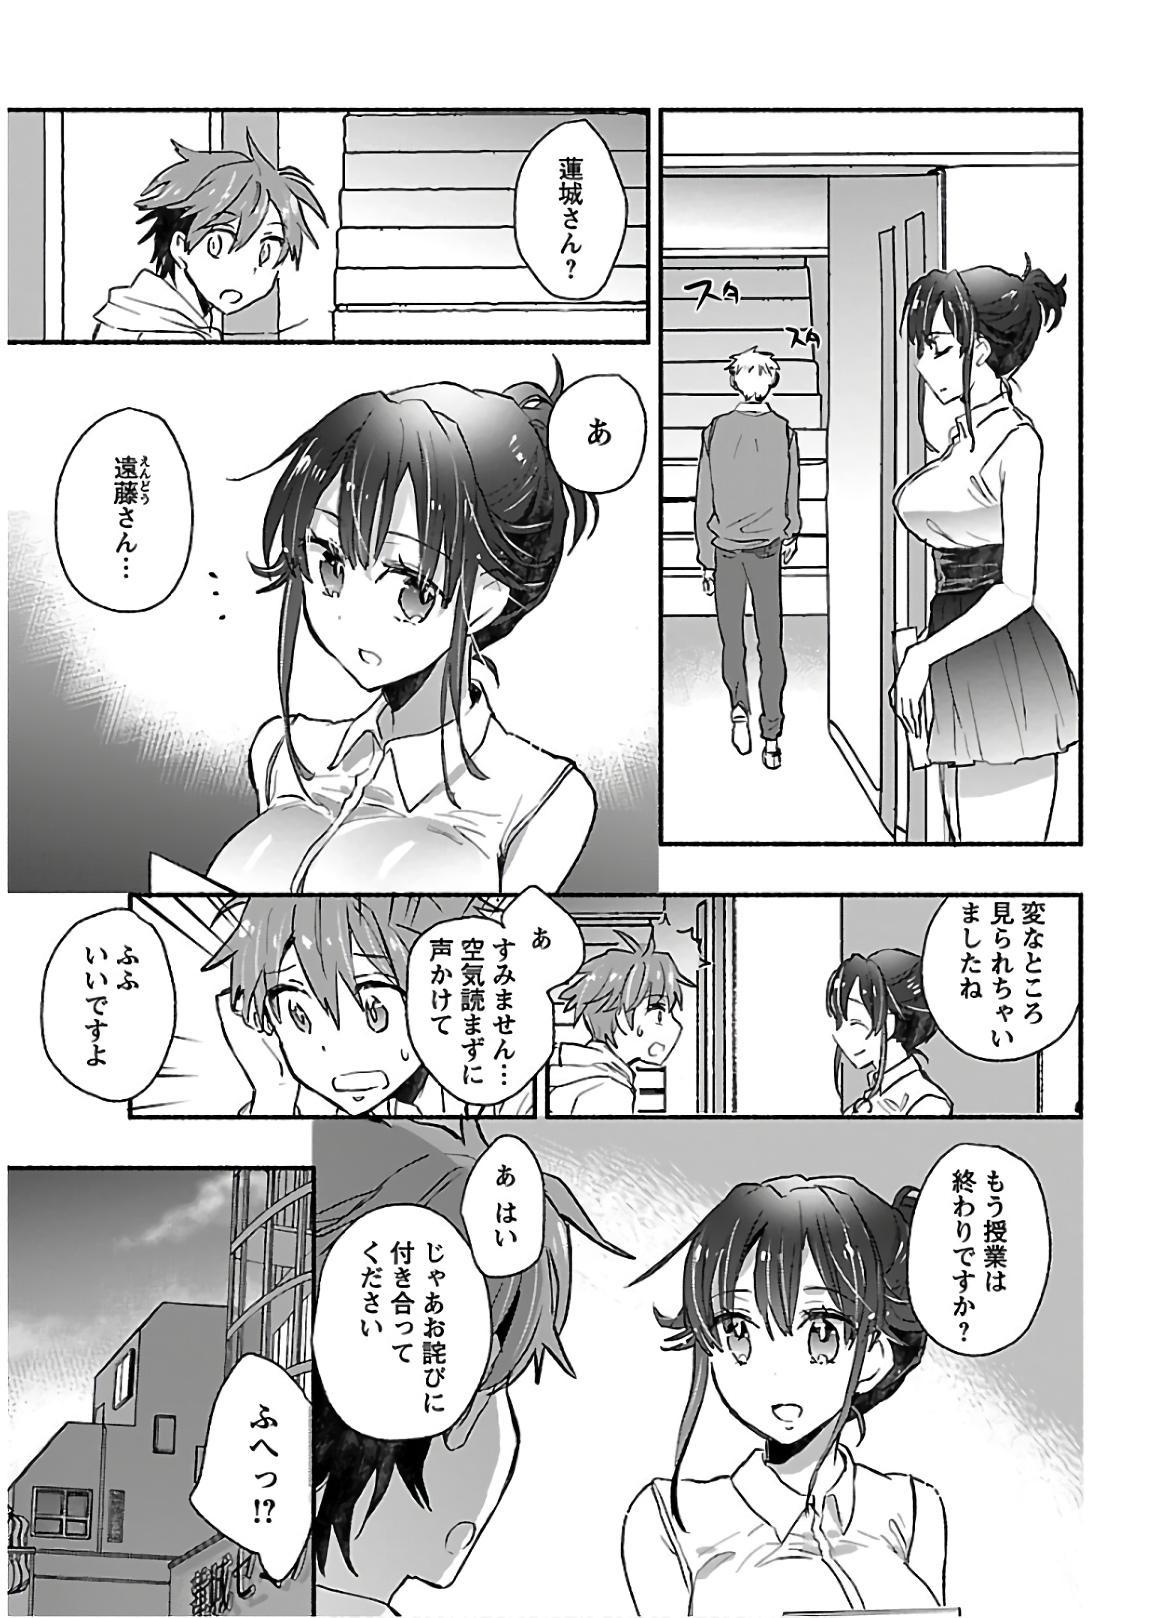 Yankii musume ni natsukarete kotoshi mo juken ni shippai shisou desu  vol.1 136